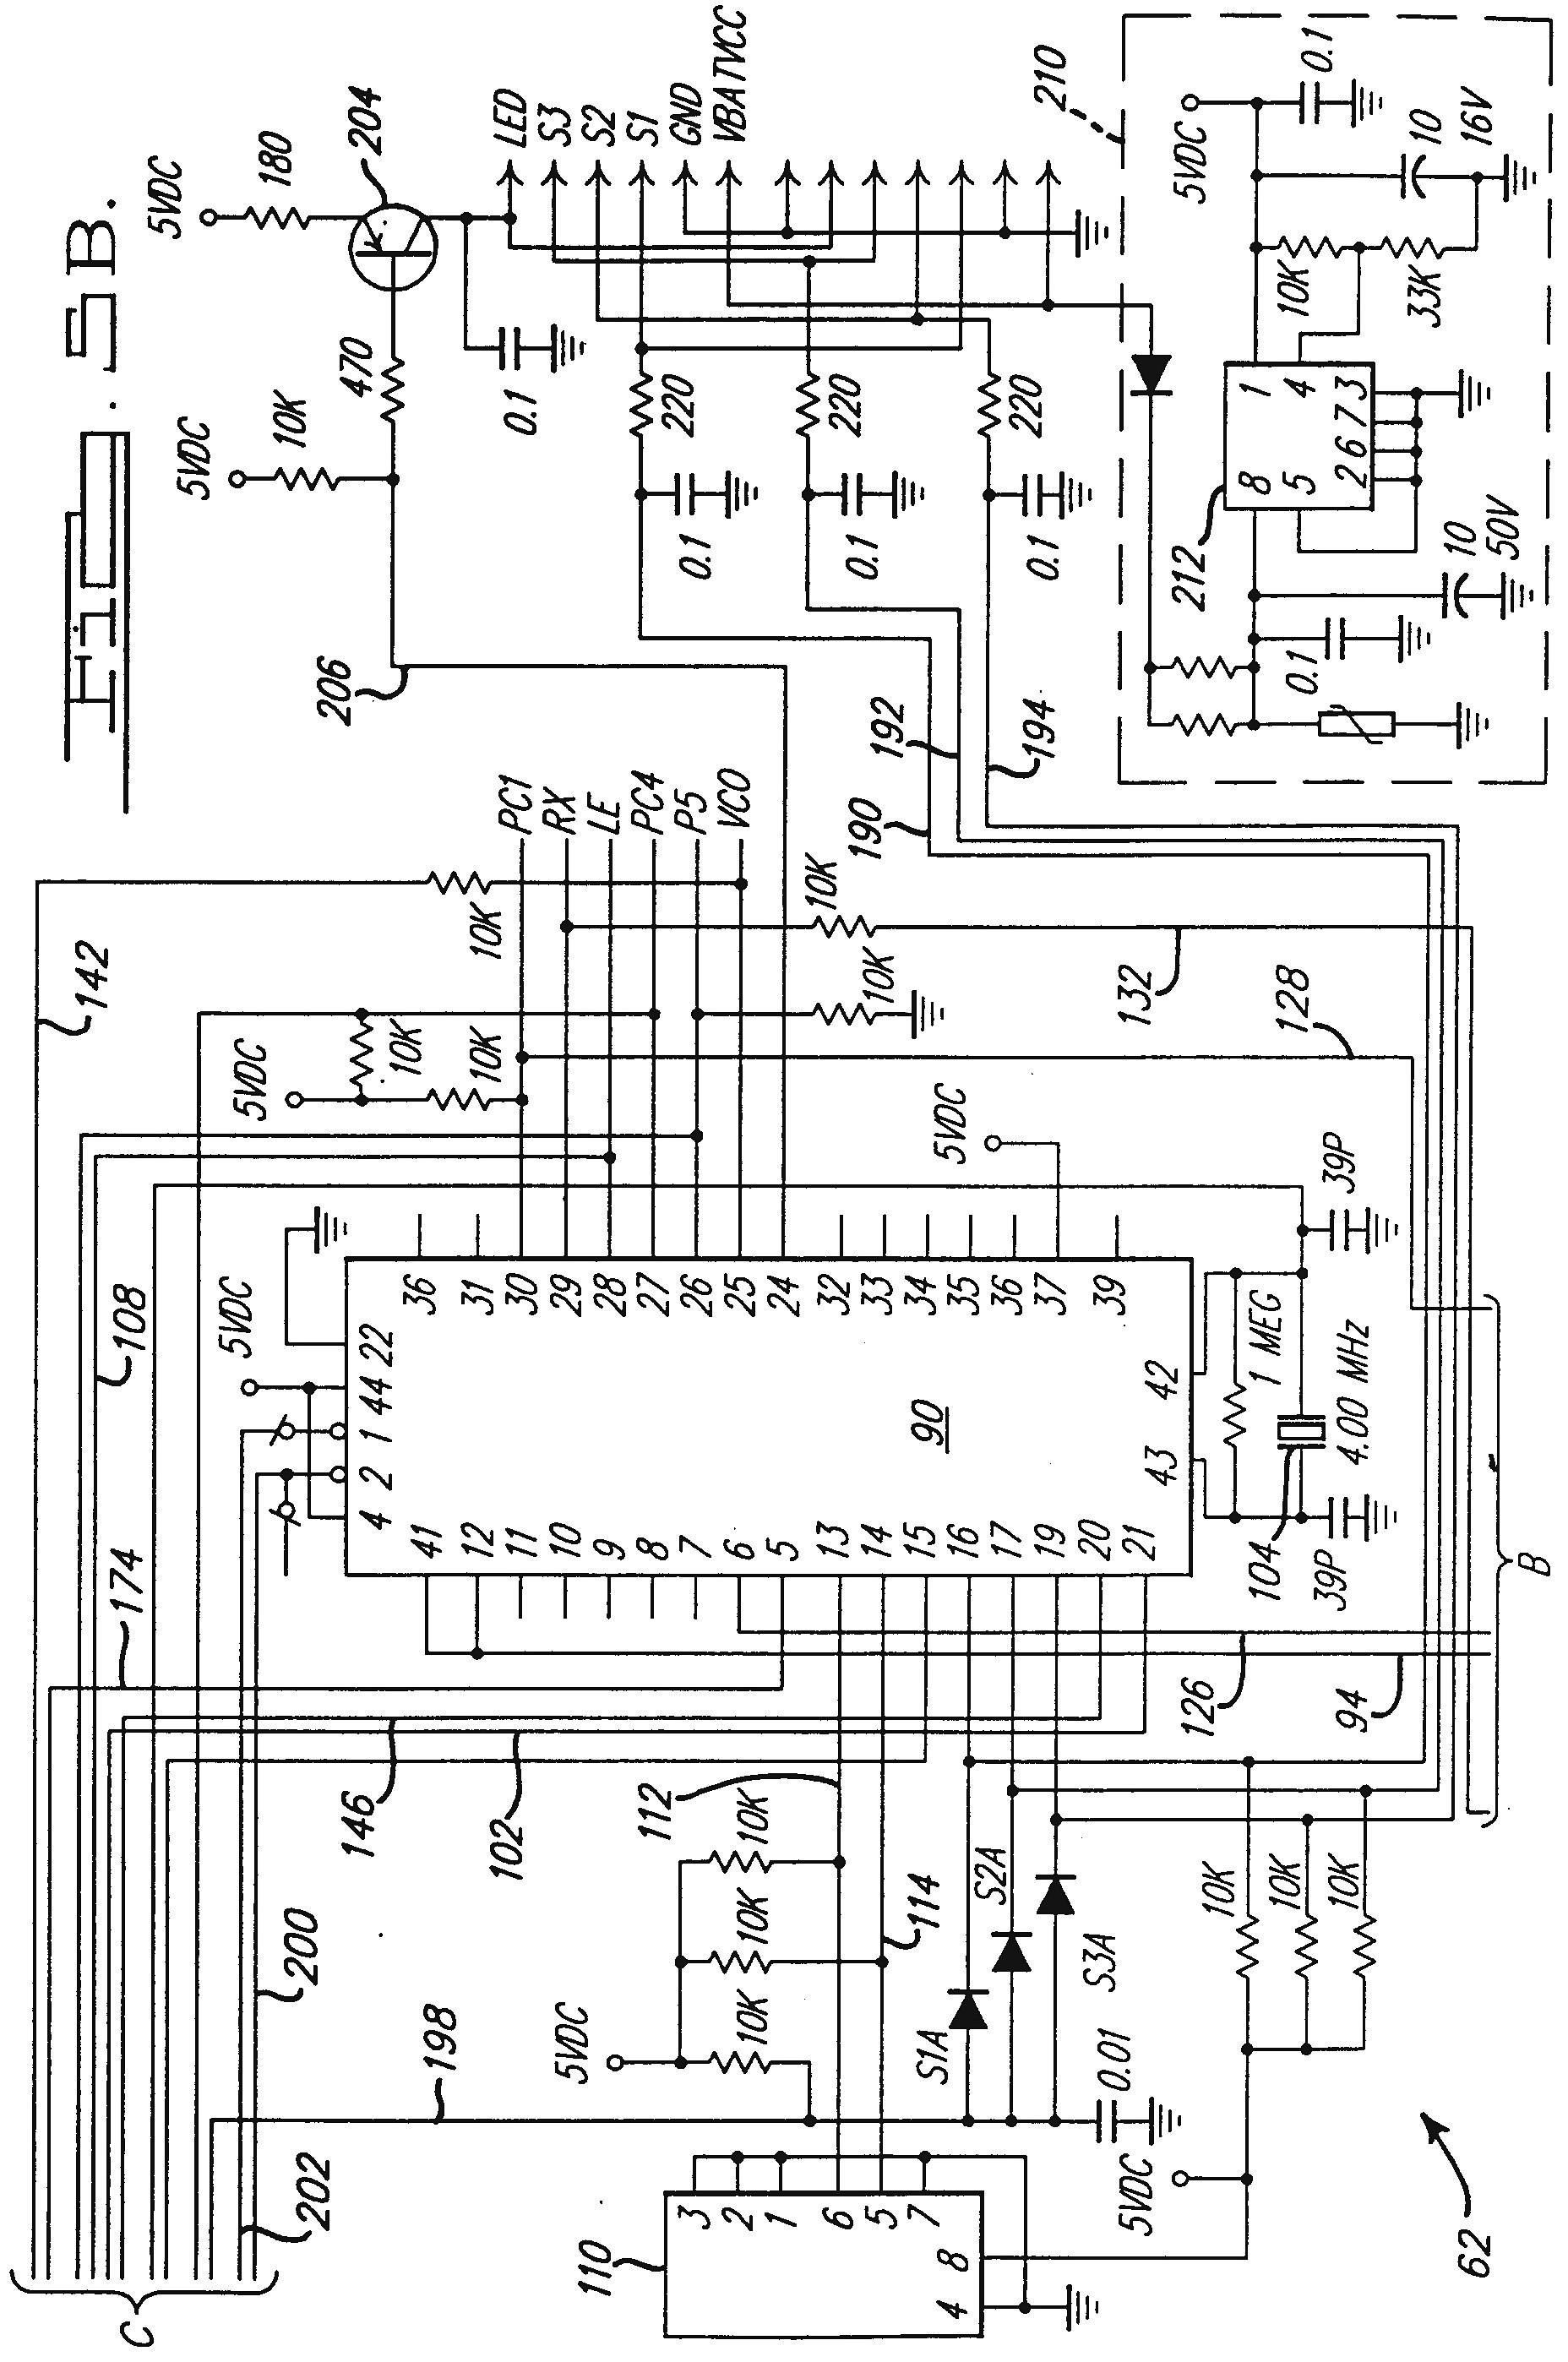 wiring a garage door sensor wiring diagrams pictures